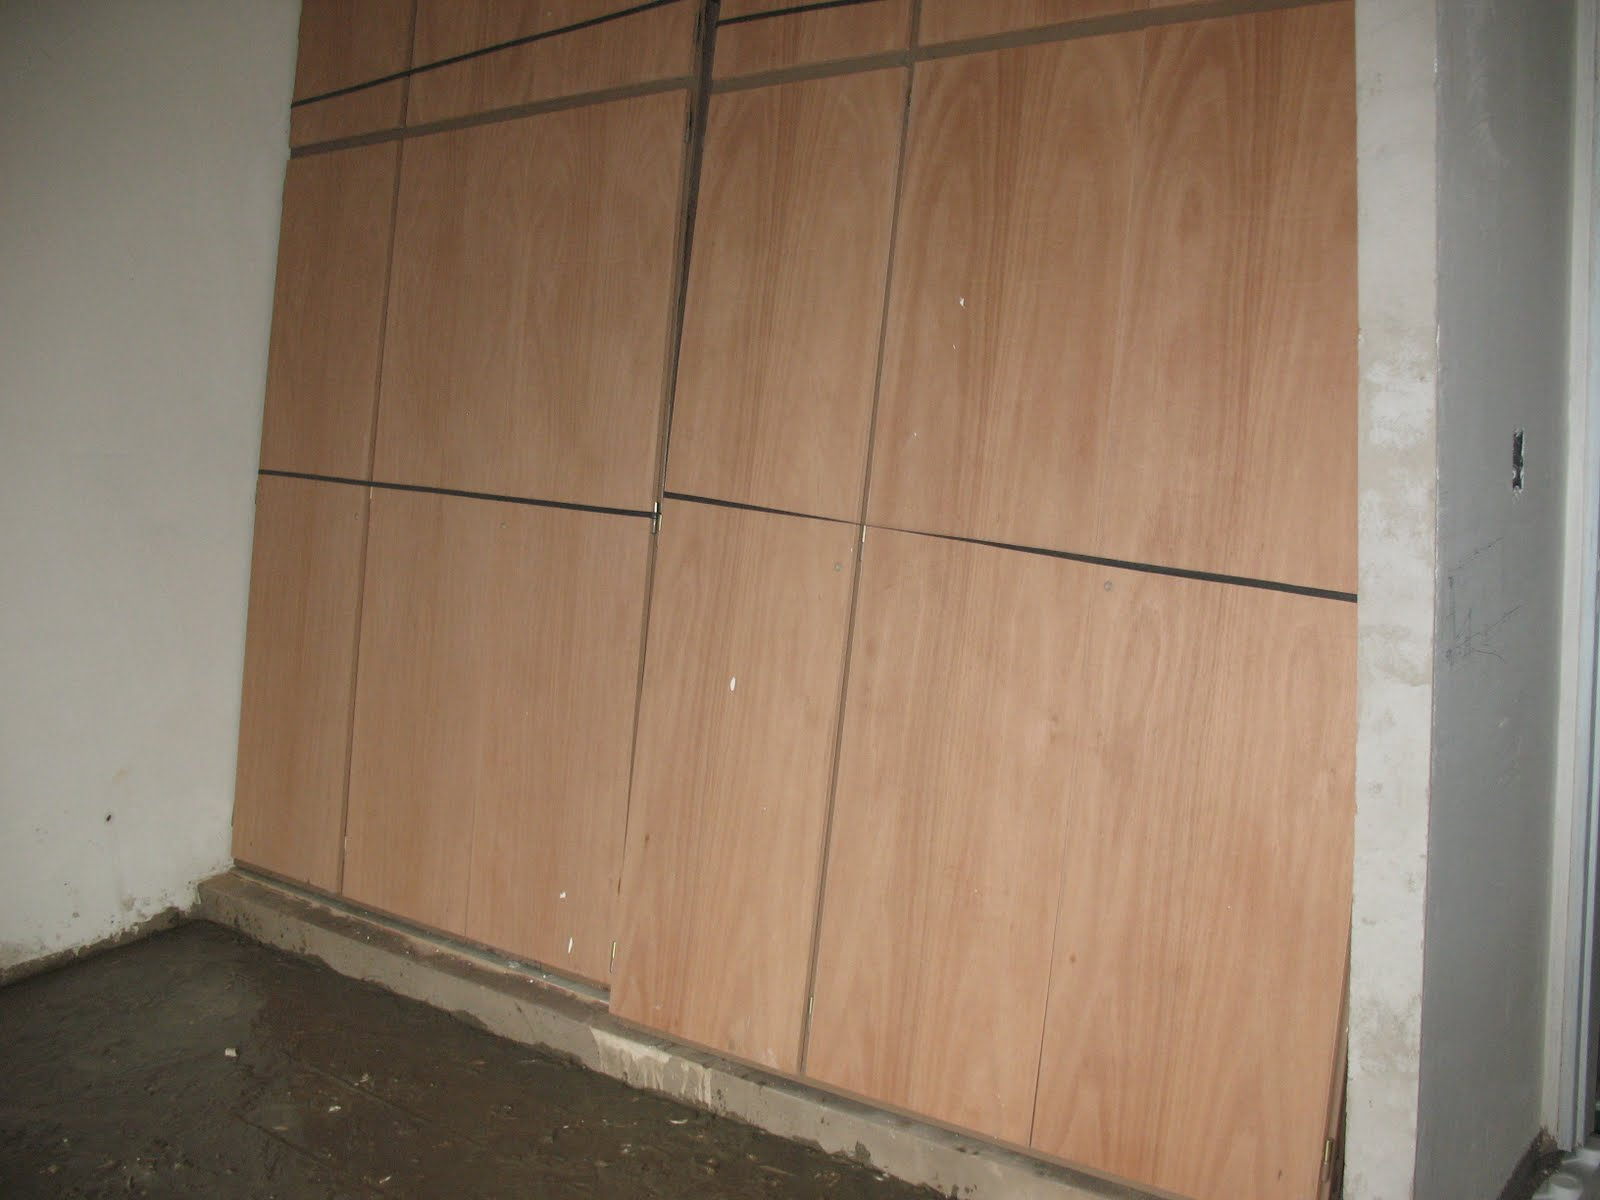 Construcciones: Çomienzo de la construcción fina de terminación #866145 1600x1200